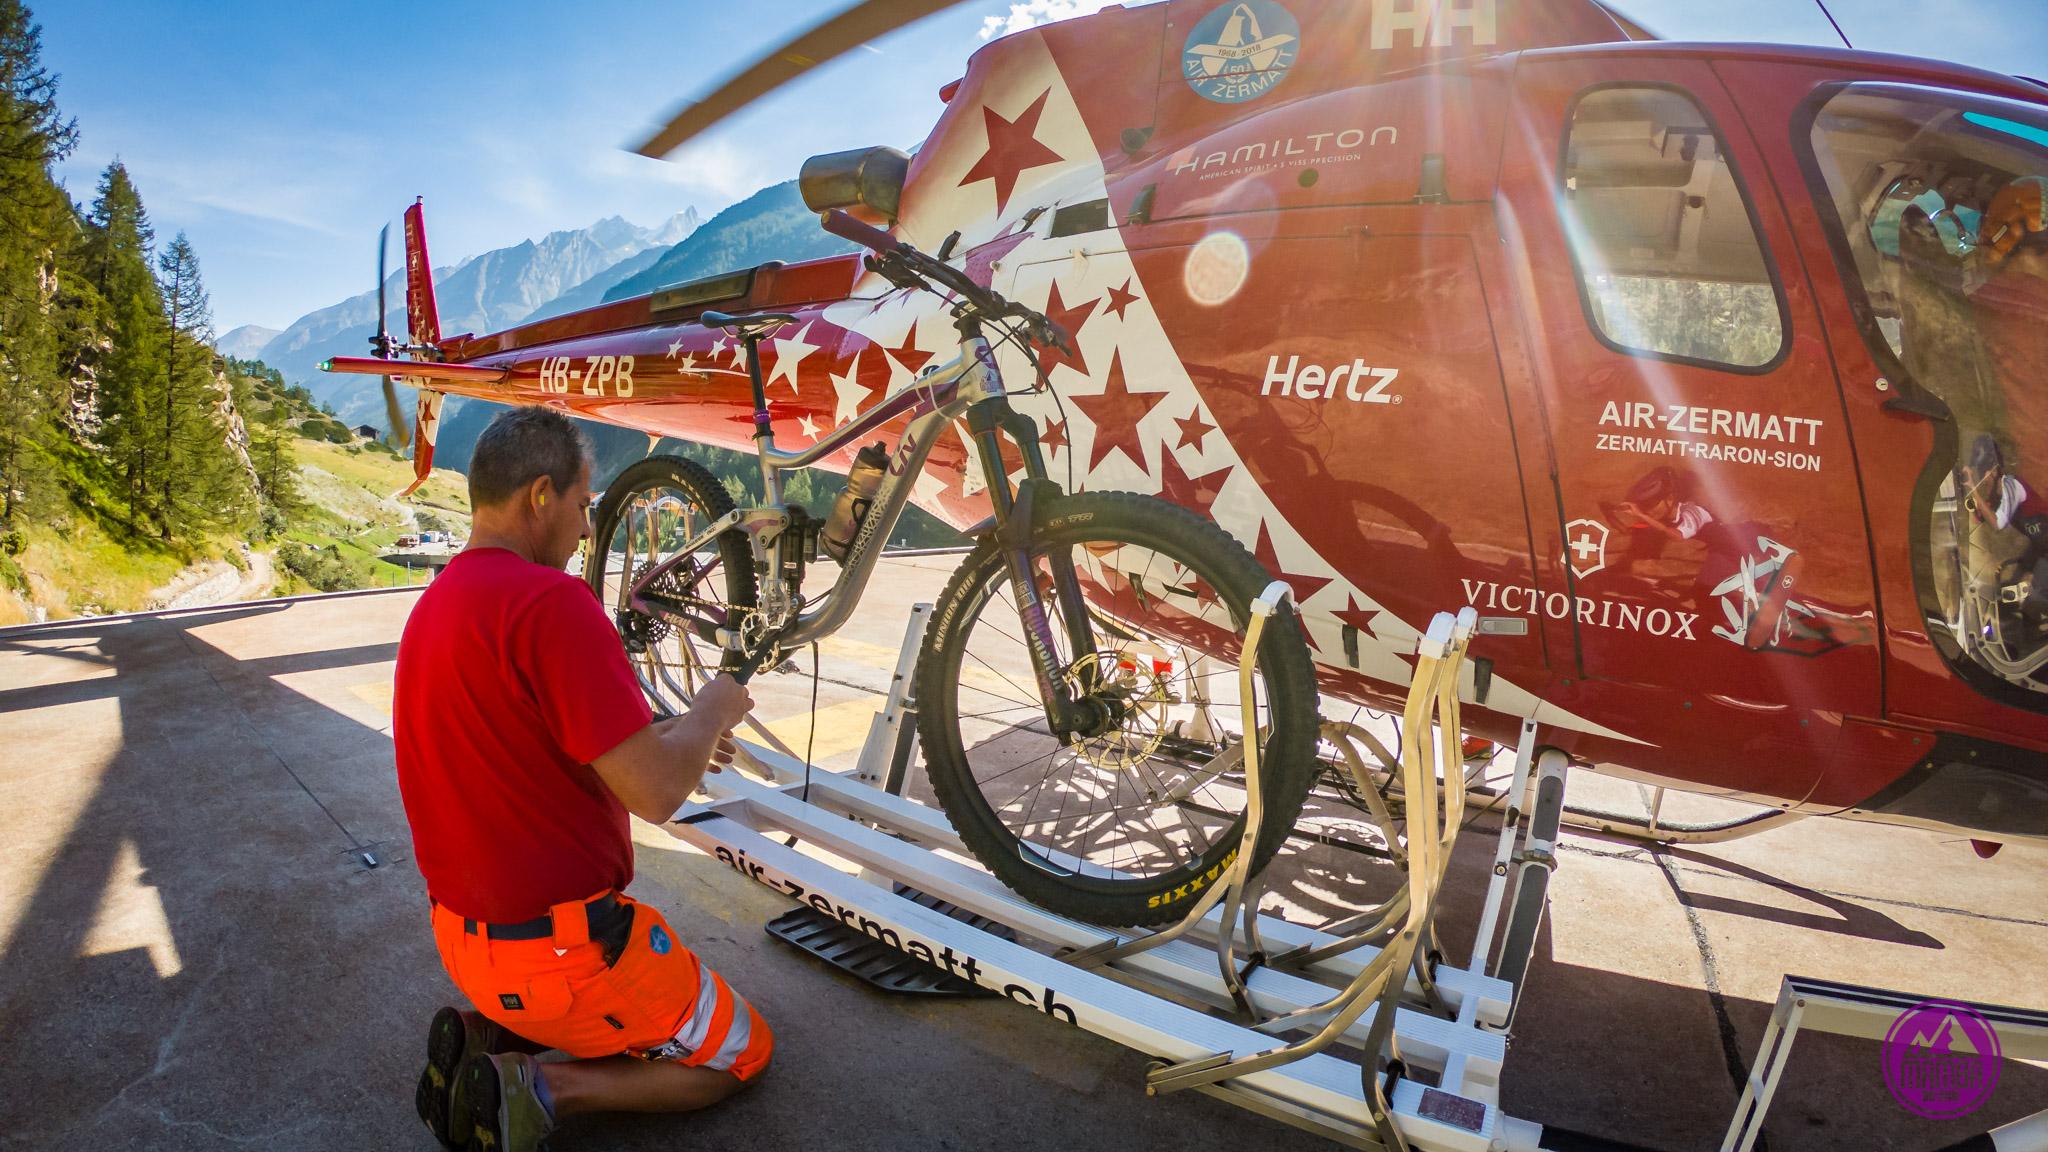 Heli biking - zakładanie roweru na helikopter